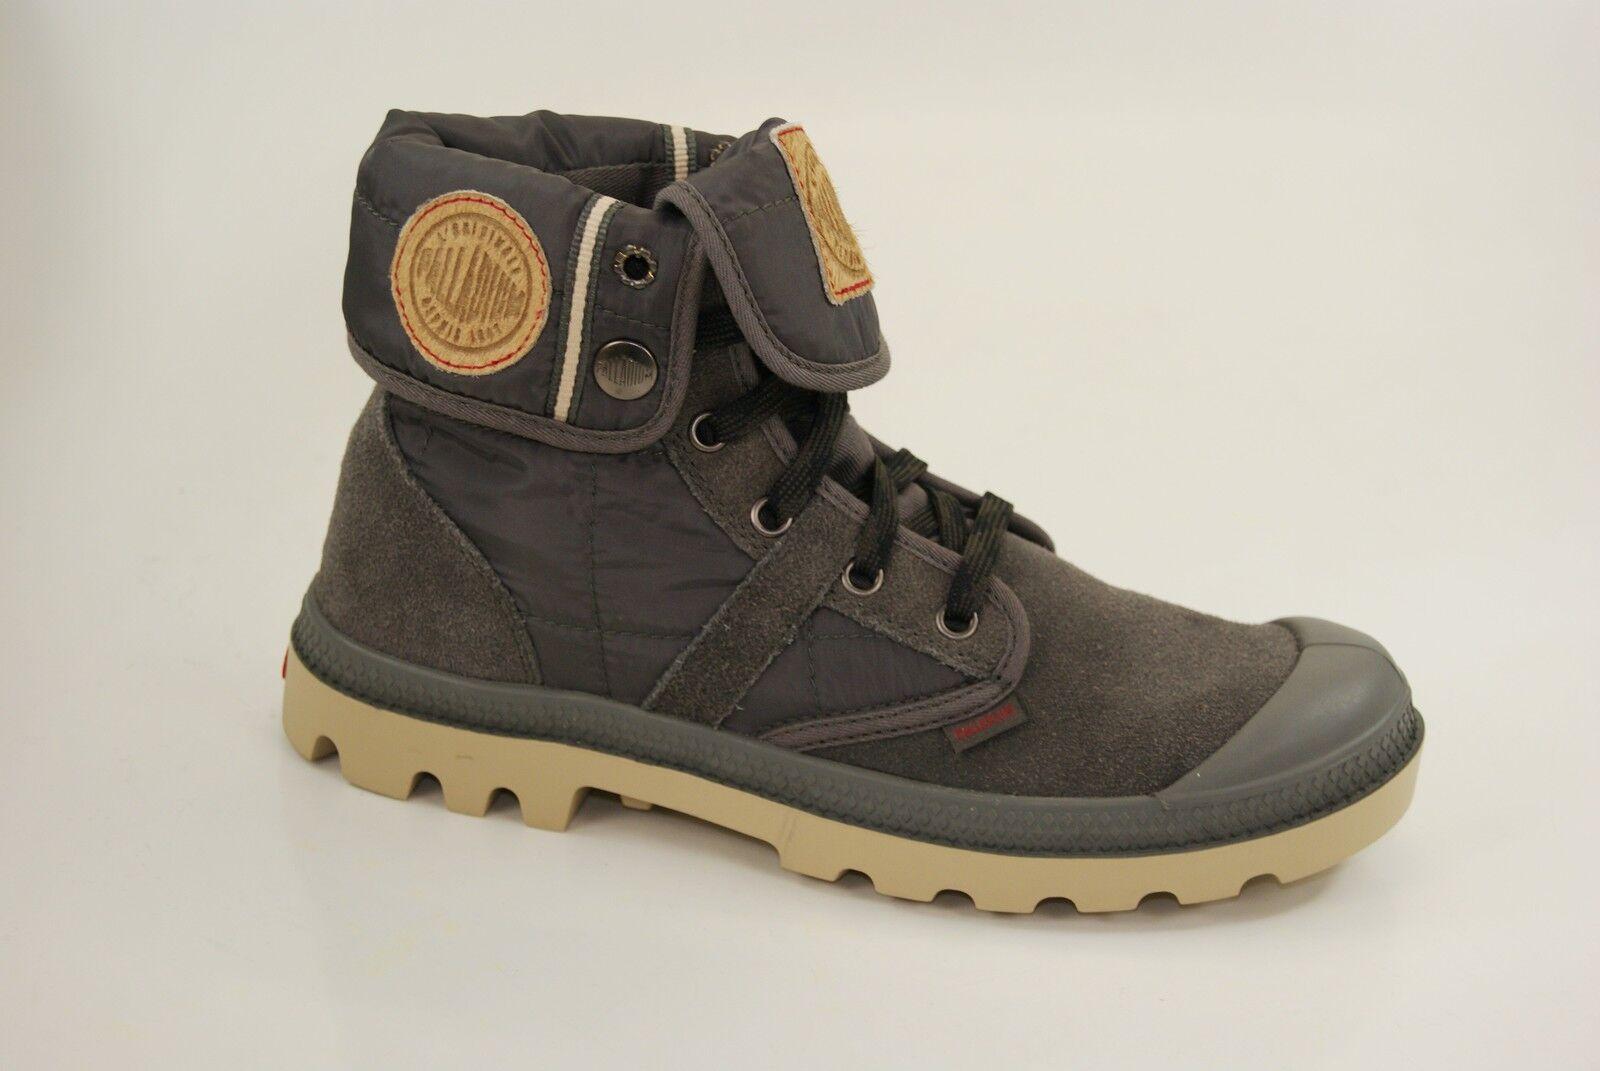 Palladium pallabrouse baggy ex botas botín de de de senderisml zapatos señora botas 93228094  Para tu estilo de juego a los precios más baratos.